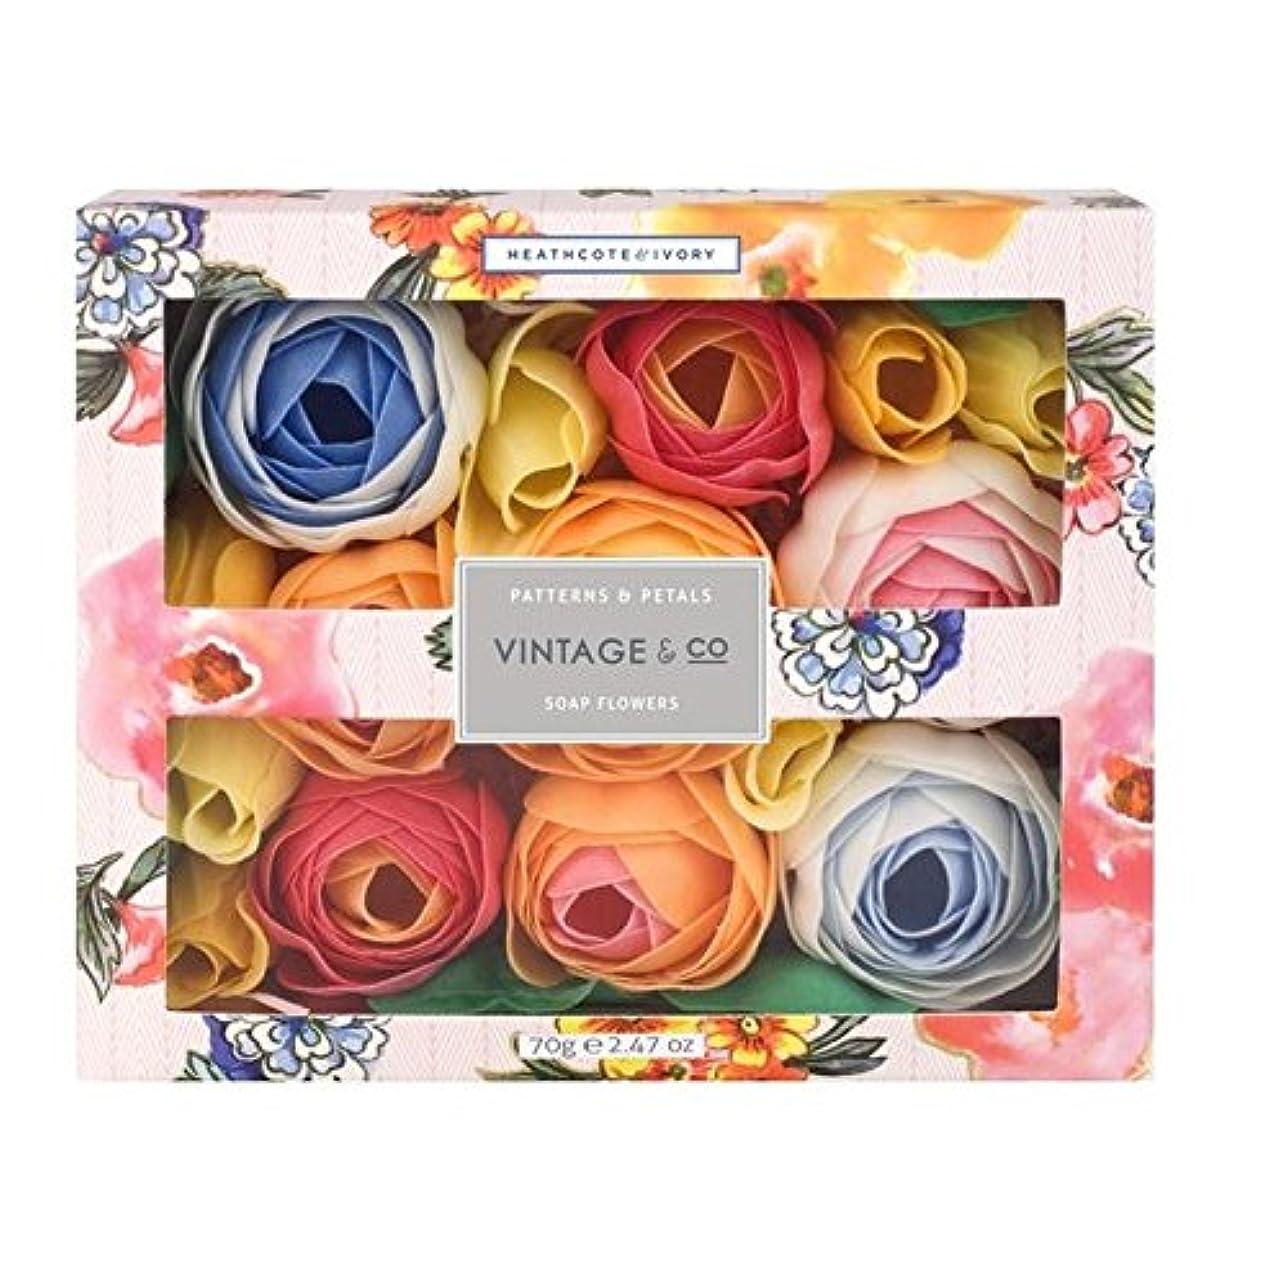 食堂いいね晴れHeathcote & Ivory Patterns & Petals Soap Flowers 70g (Pack of 6) - ヒースコート&アイボリーパターン&花びら石鹸の花70グラム x6 [並行輸入品]